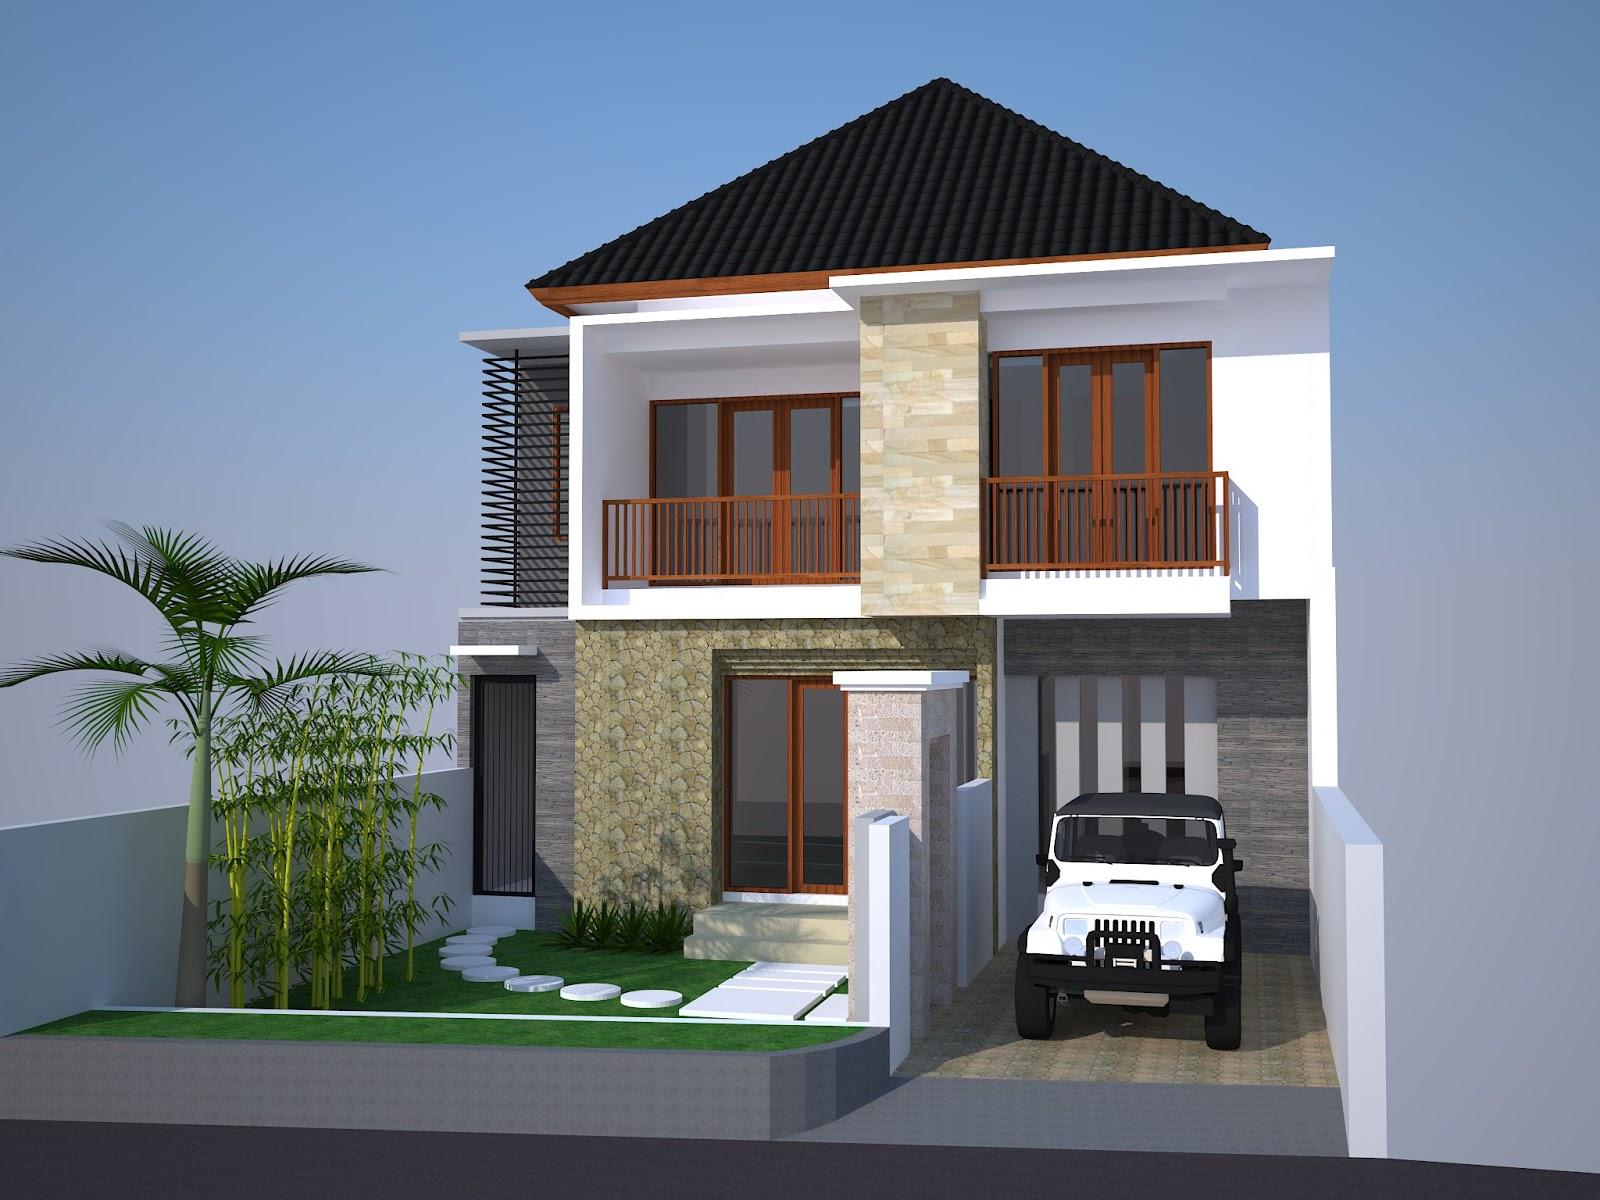 Gambar Desain Rumah Minimalis 2 Lantai Type 54 Terbaru Desain